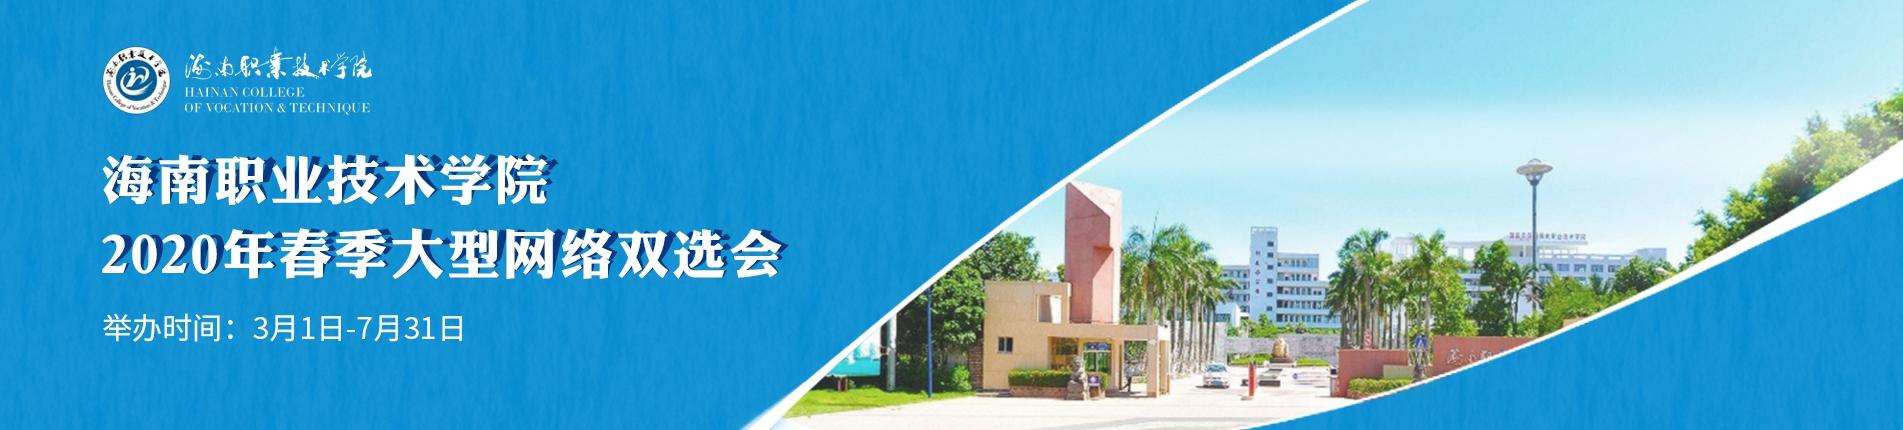 海南职业技术学院2020年春季大型网络双选会